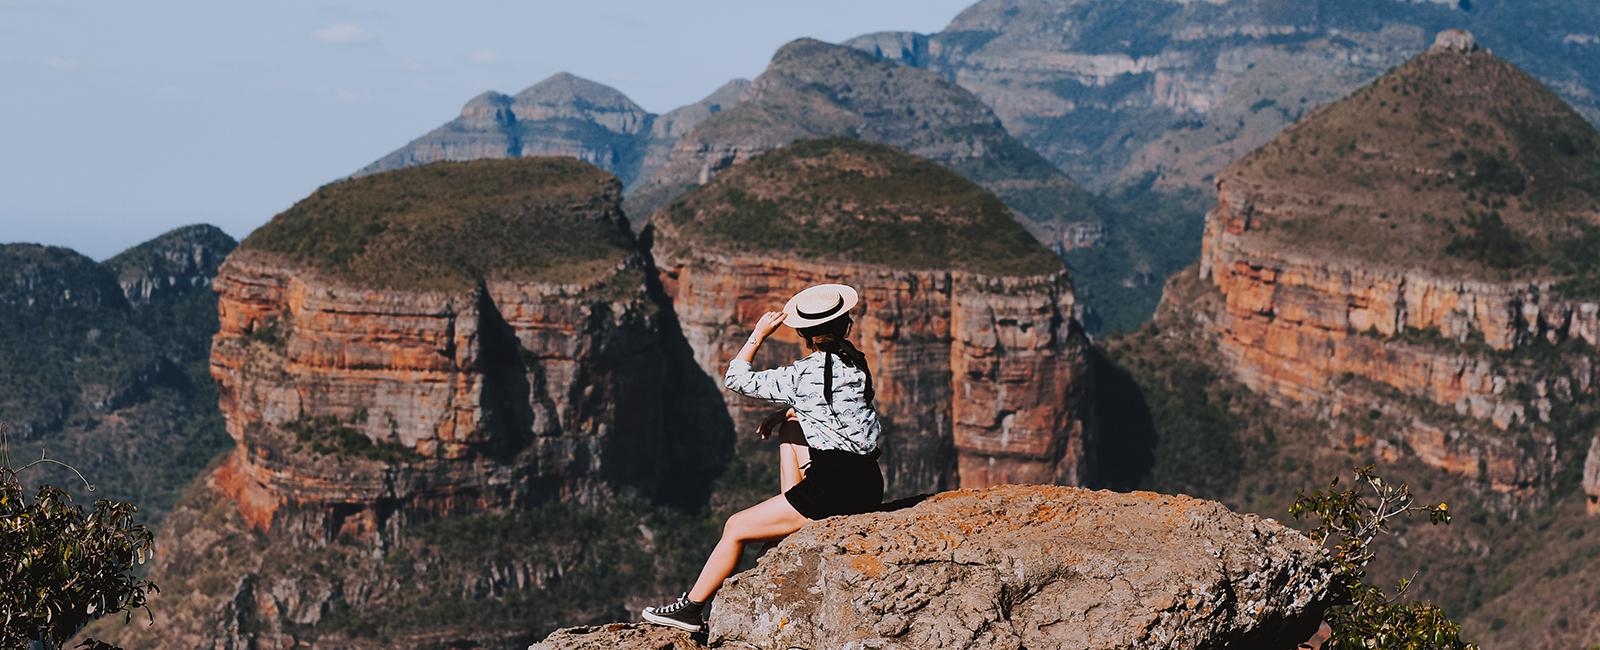 L'Afrique du Sud, entre Hazyview et Blyde River Canyon Nature Reserve